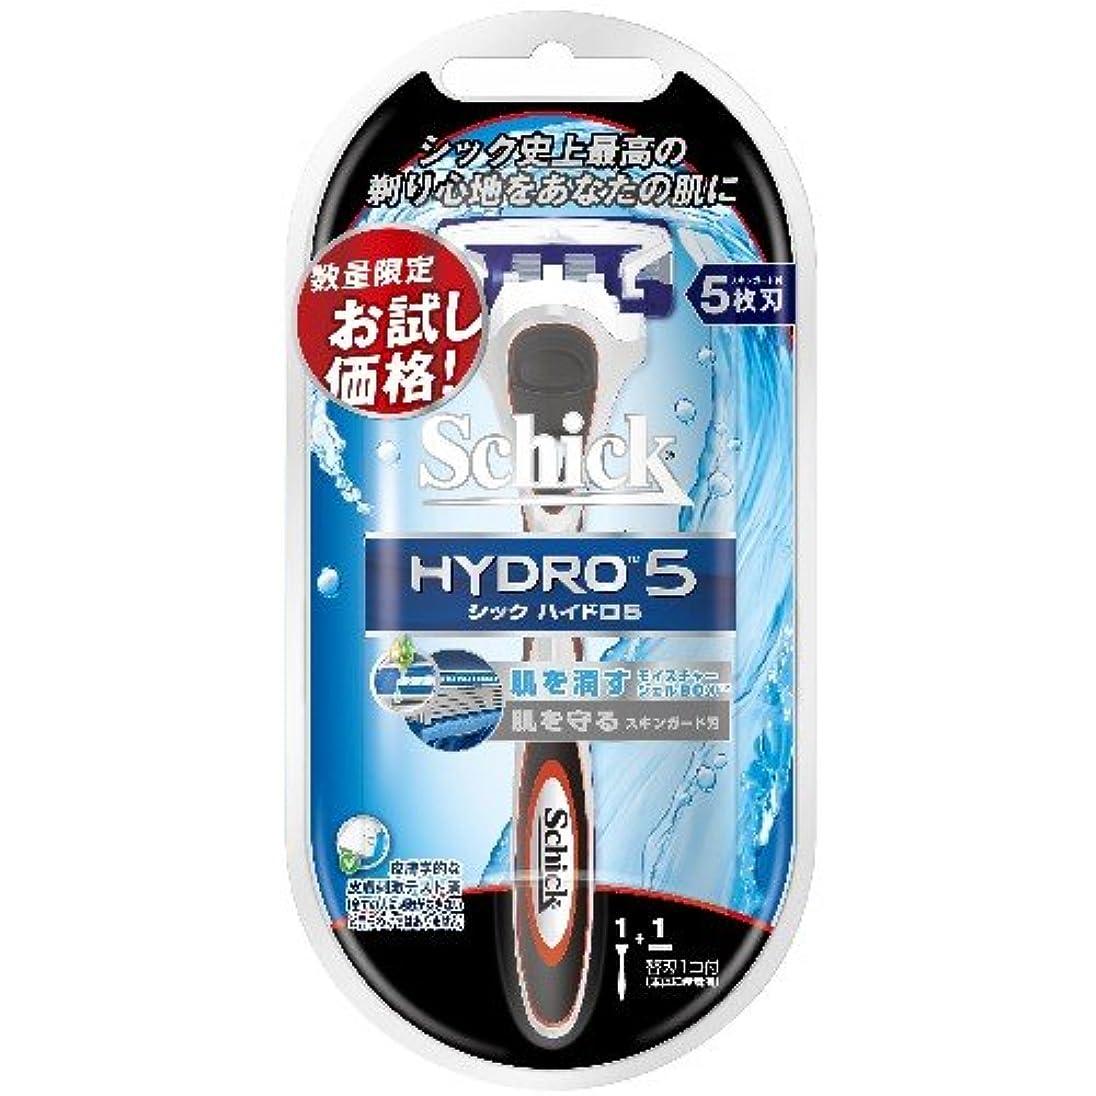 証明するアコー補助シック 【限定品】ハイドロ5 お試しホルダー 替刃1コつき